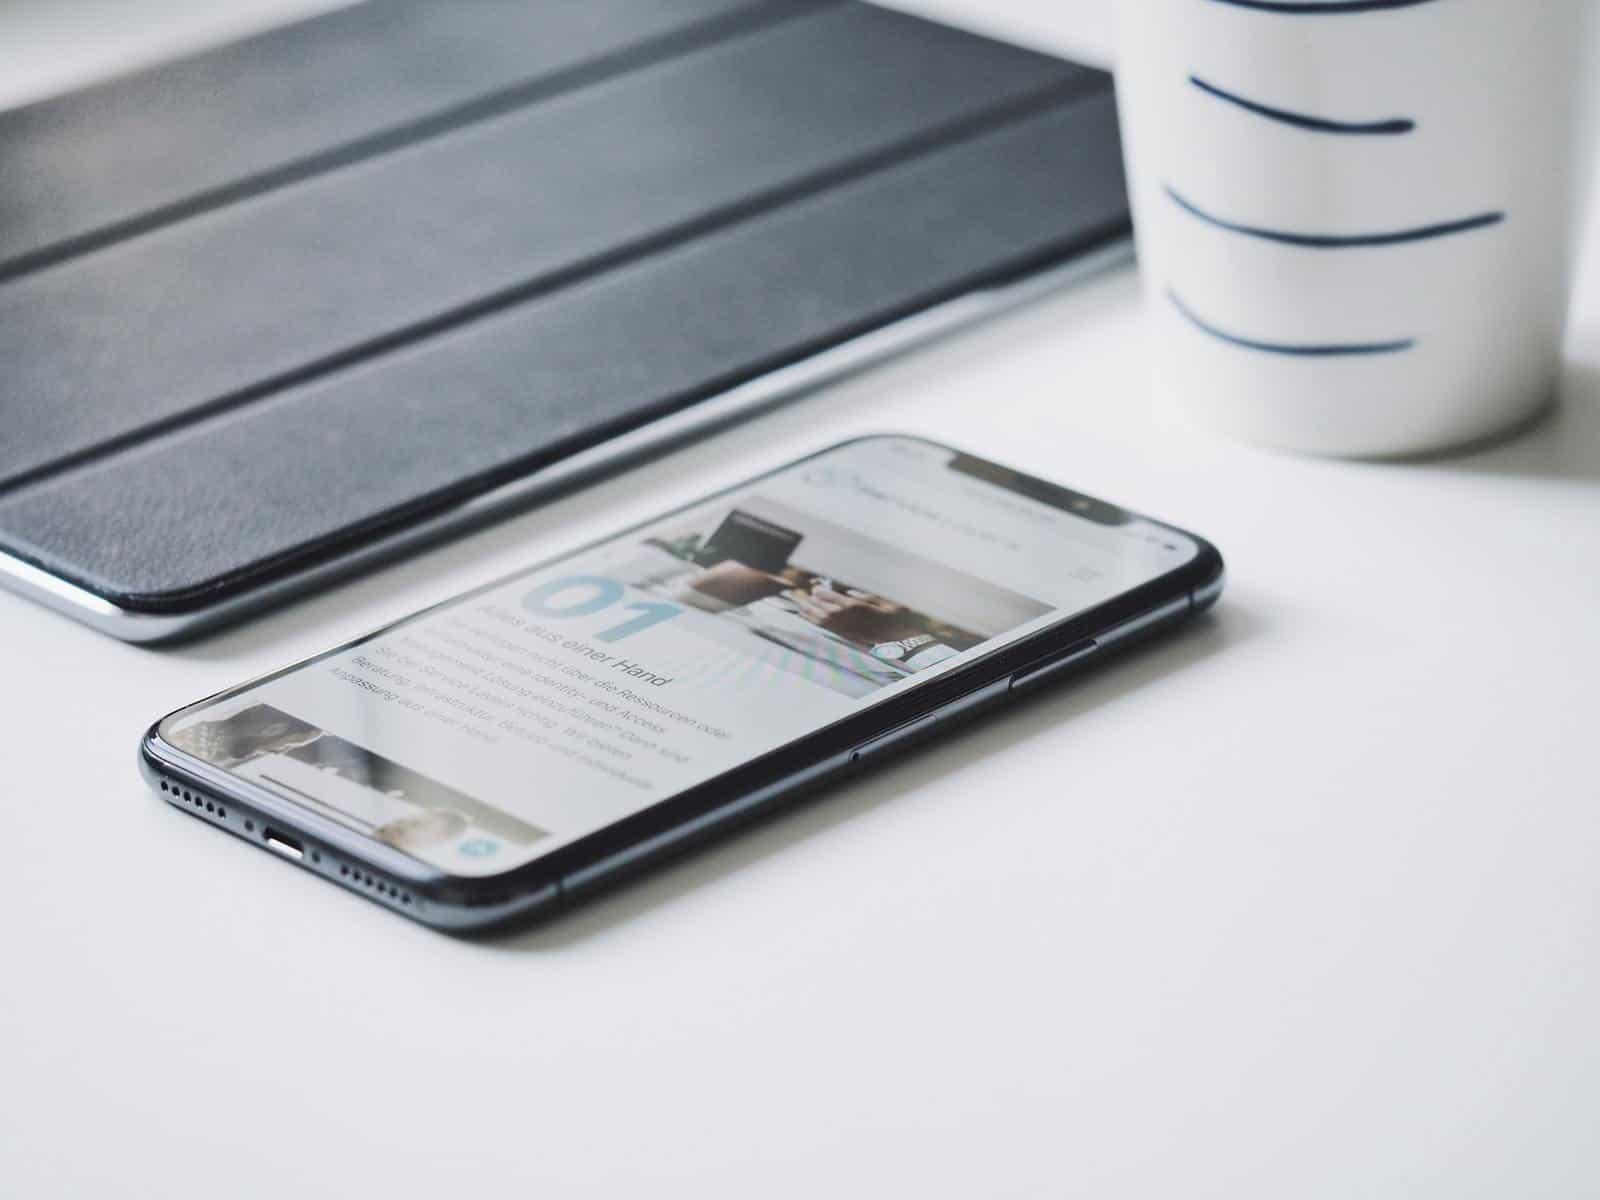 Mobile phone on white desk